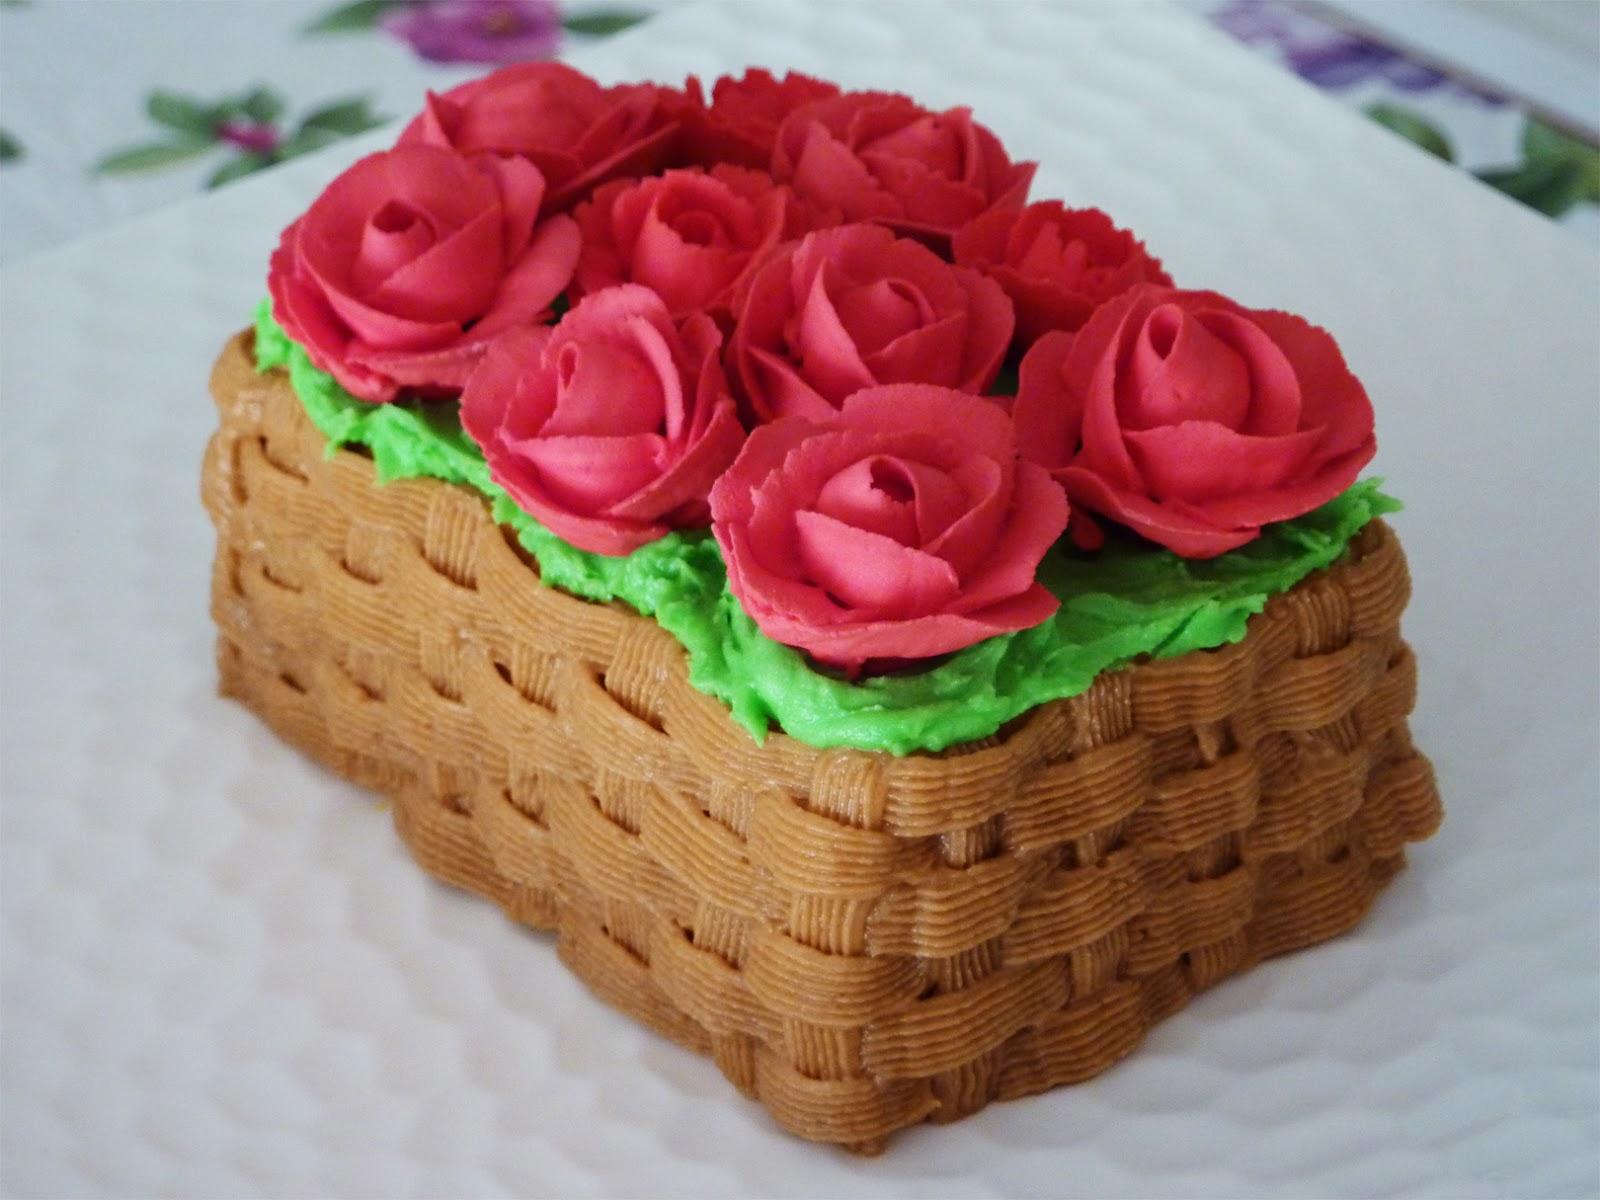 Red Moonrise Basket Of Roses Mini Sponge Cake With Buttercream